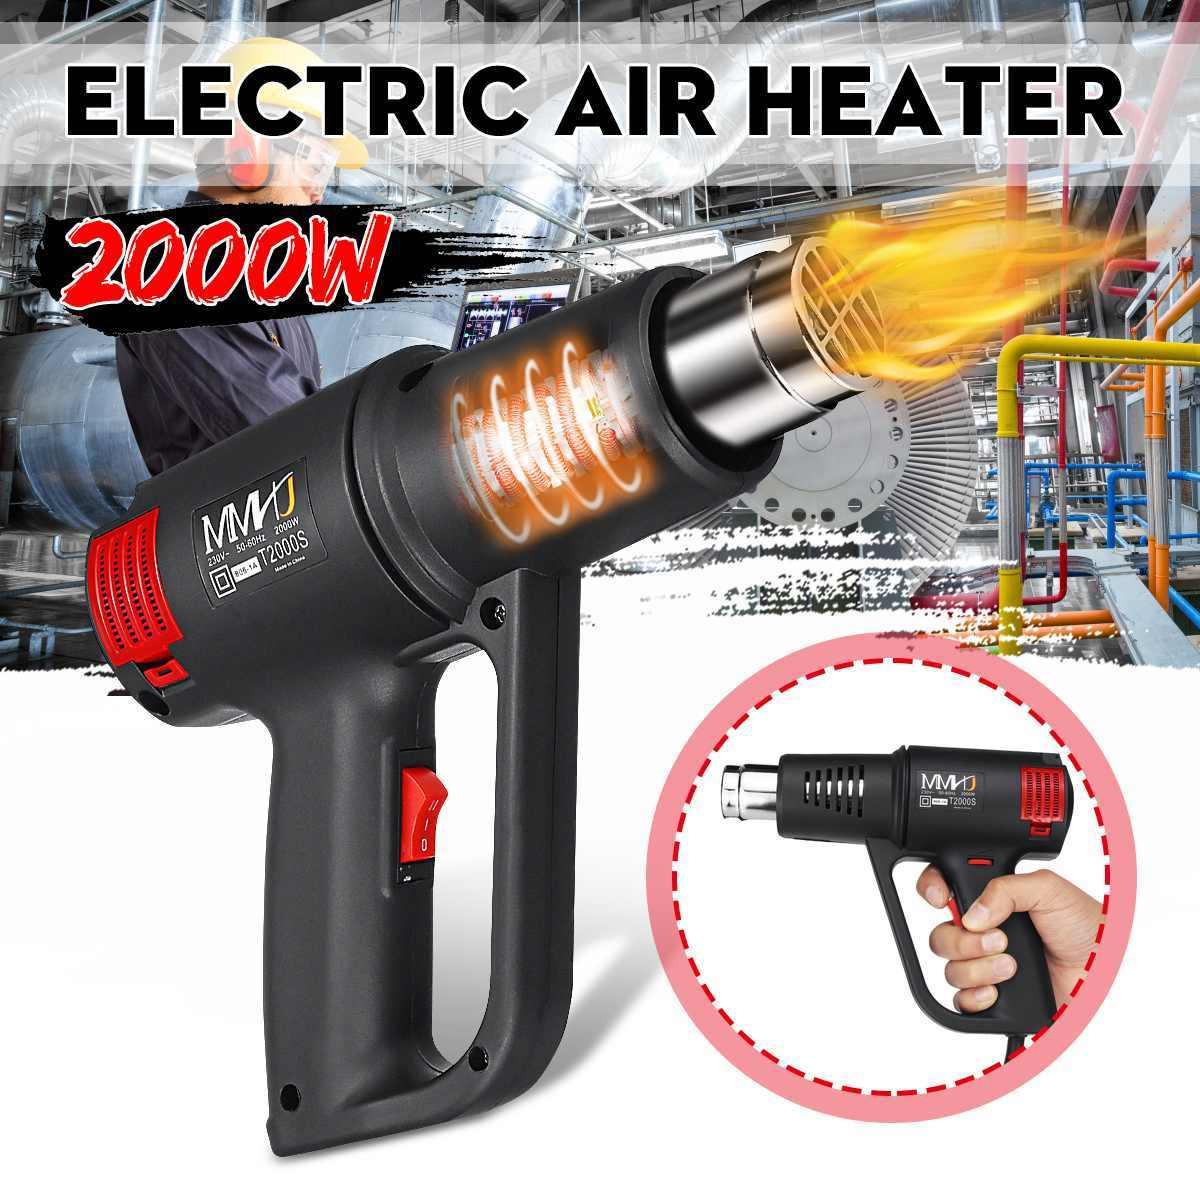 2000W 220V électrique chaud Air chauffage Machine contrôle de température bâtiment sèche-cheveux peinture décapant chaud sec colle bricolage pouvoirs outils